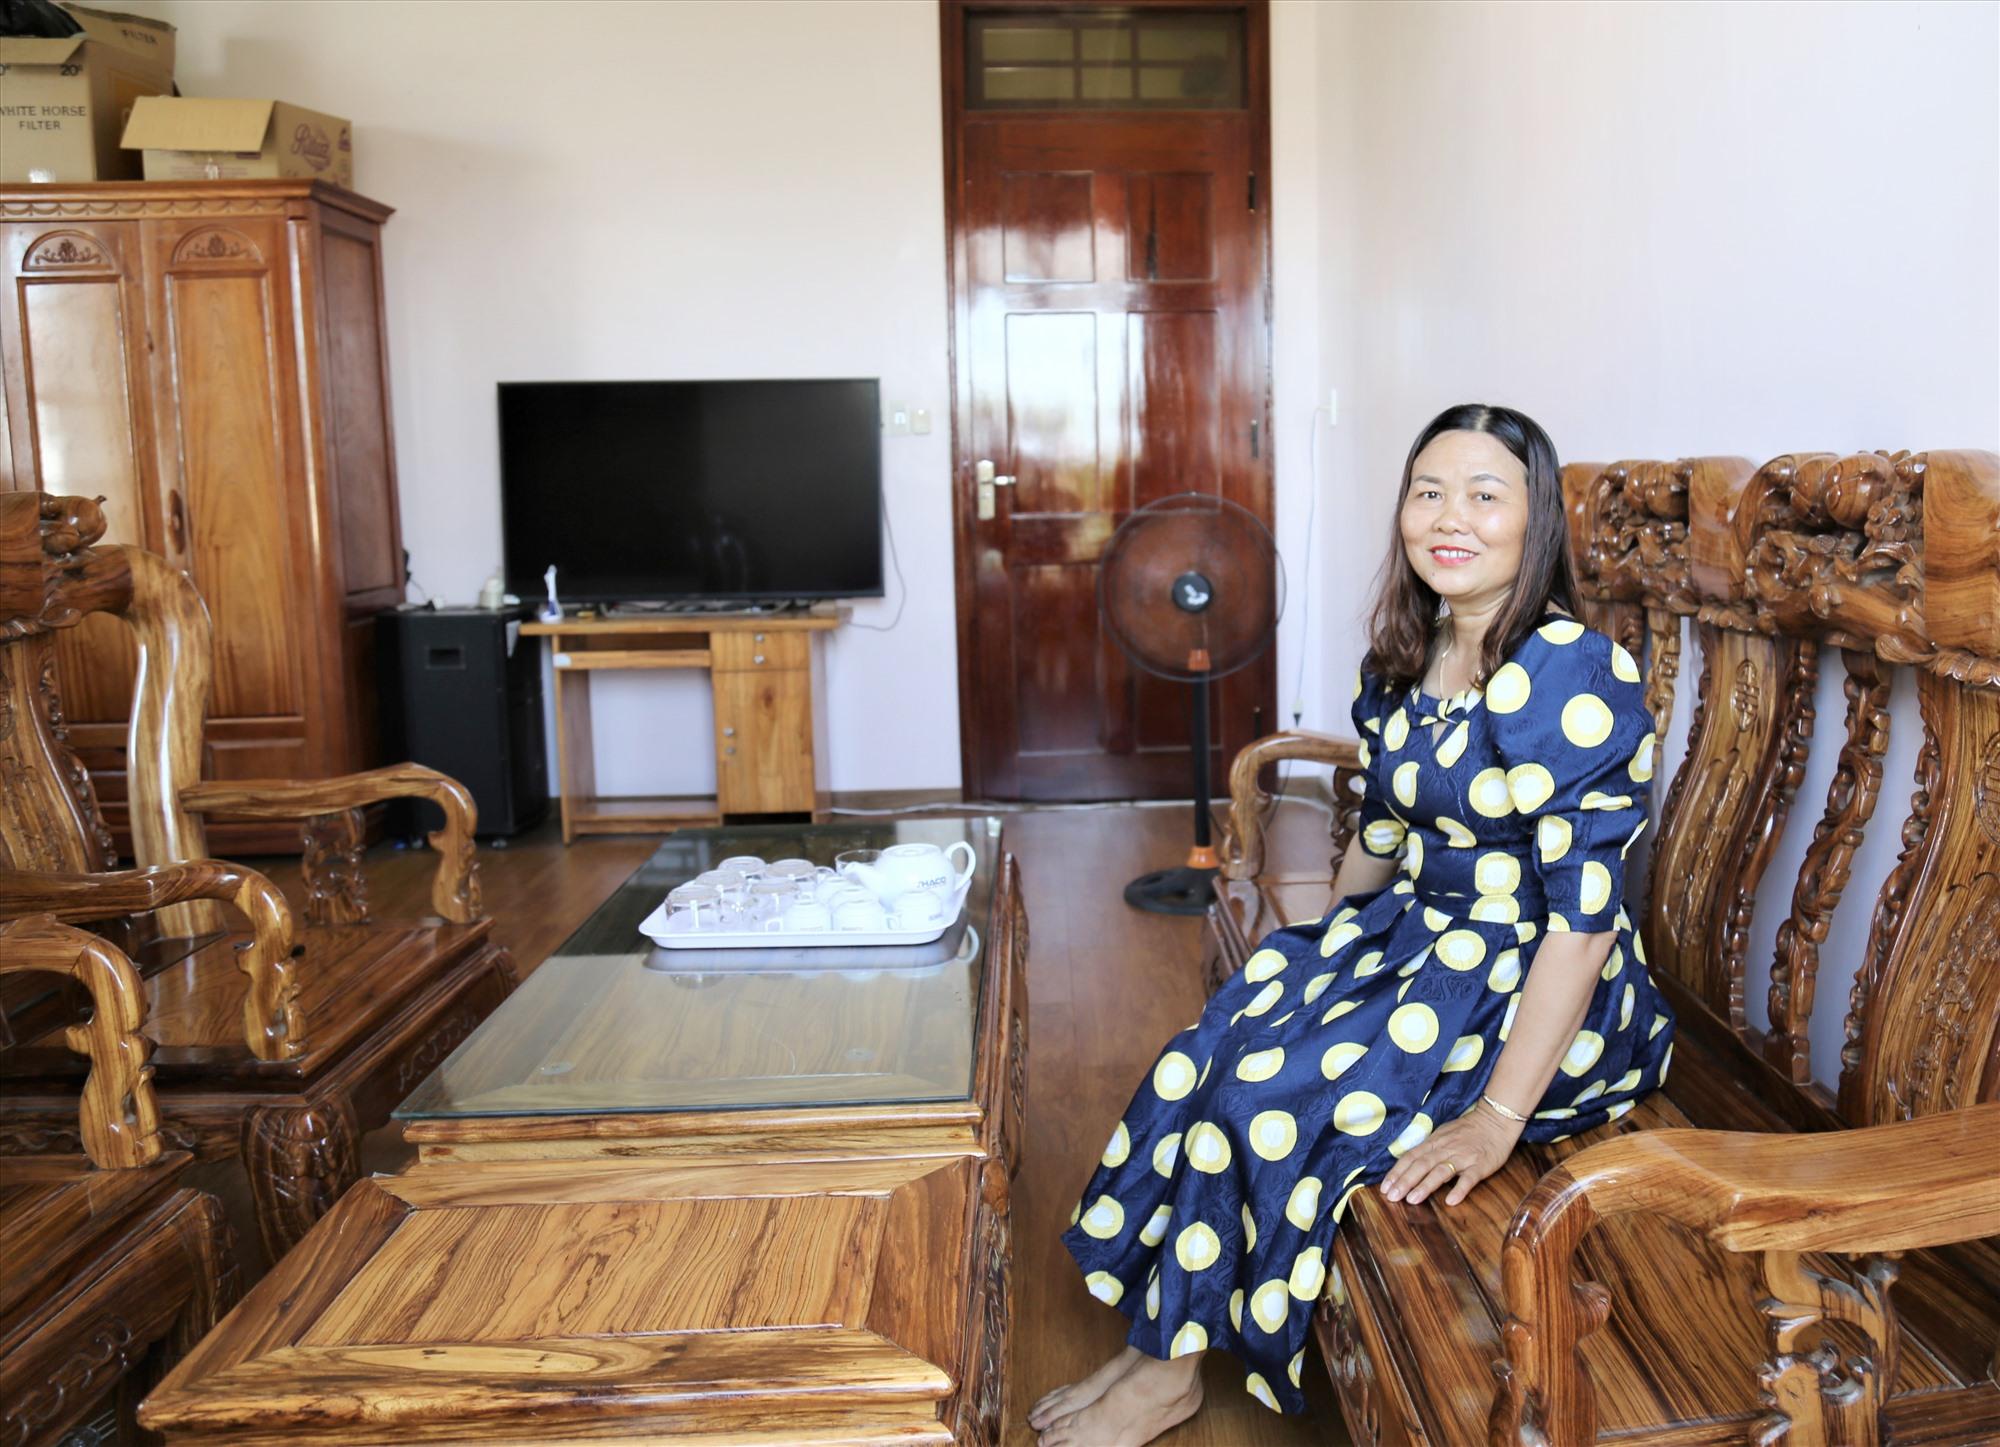 Chị Nguyễn Thị Quý - nhân viên Trường Cao đẳng THACO trong ngôi nhà khang trang của mình. Ảnh: THANH THÚY